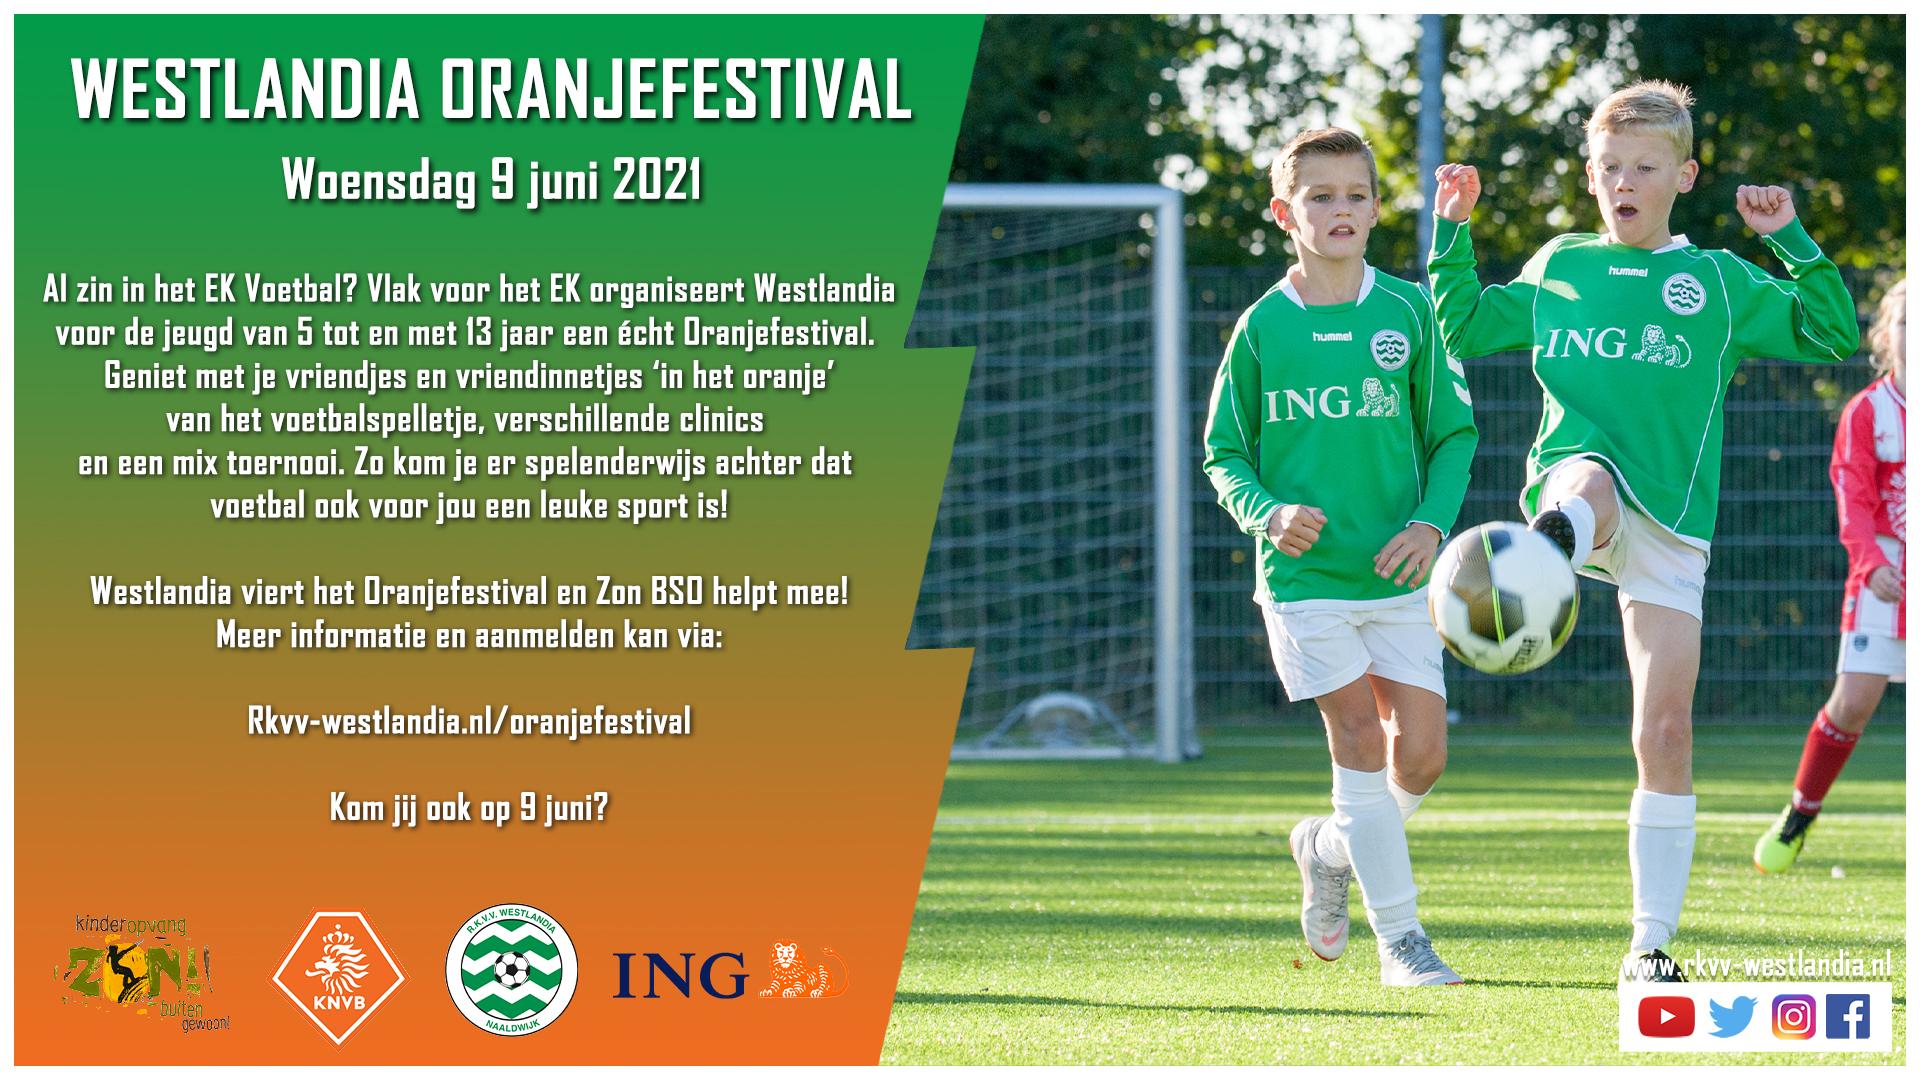 Nieuws over Oranje Festival